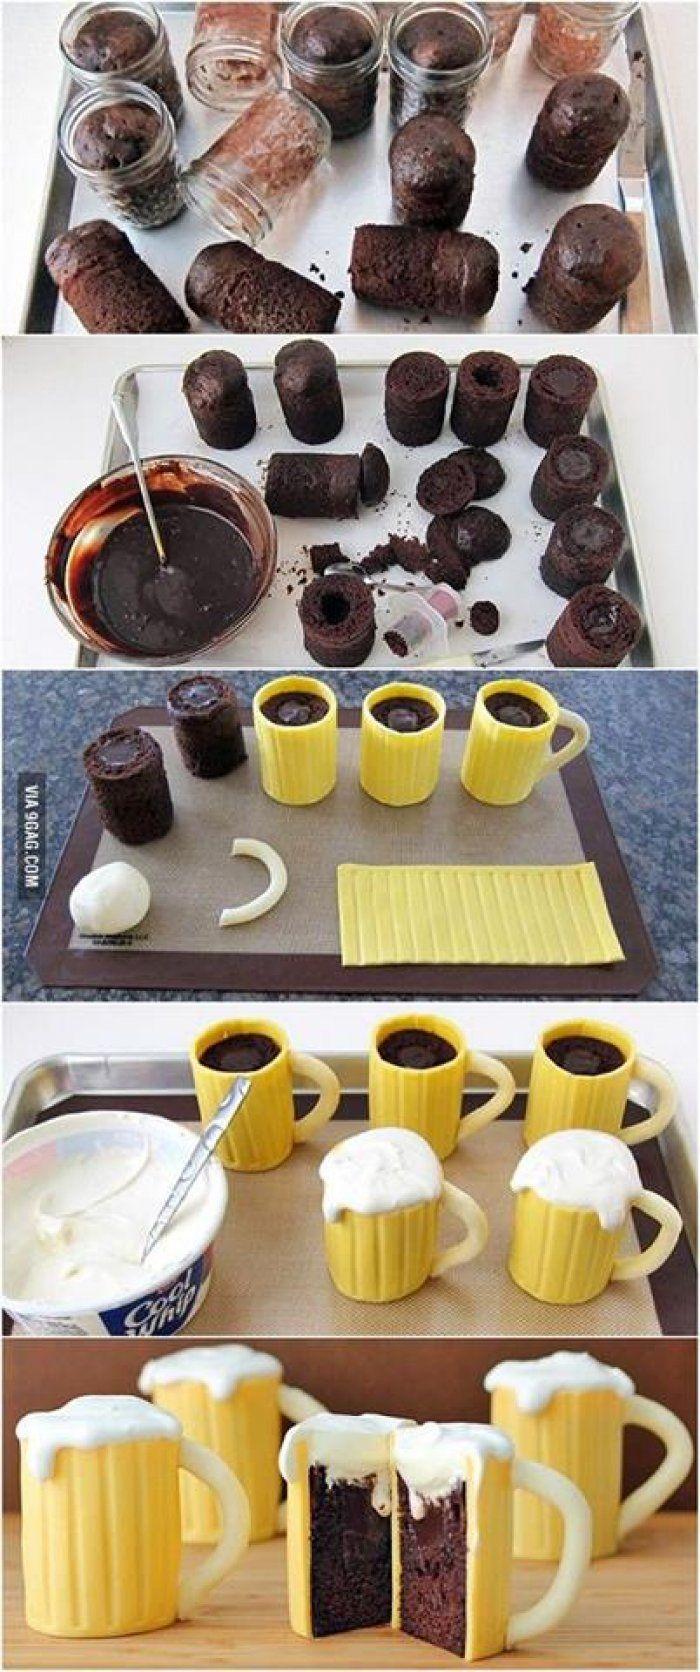 Beer cupcakes ever - http://www.jokideo.com/